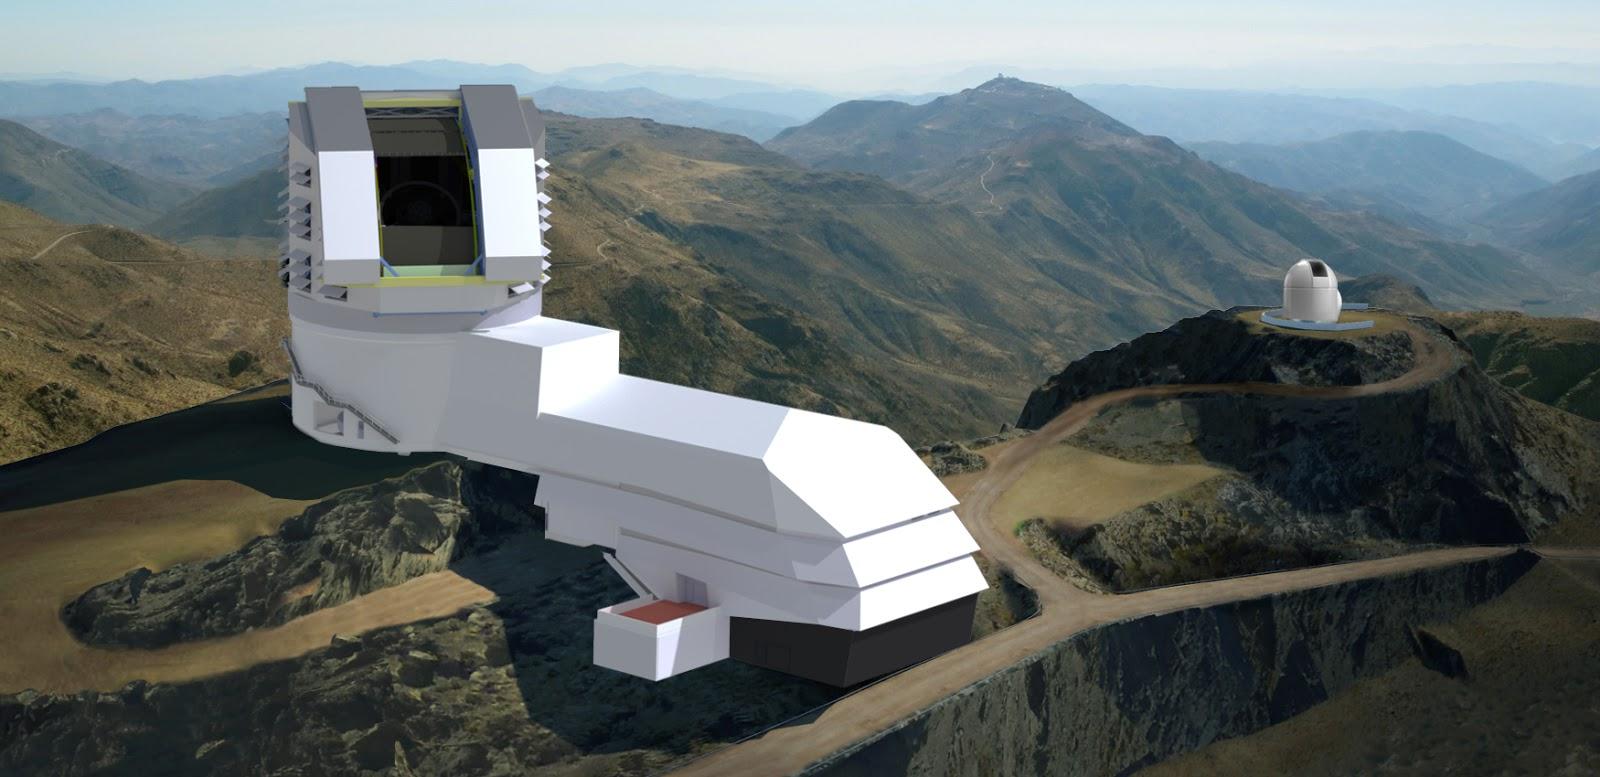 Vera Rubin Observatory සඳහා පින්තුර ප්රතිඵල